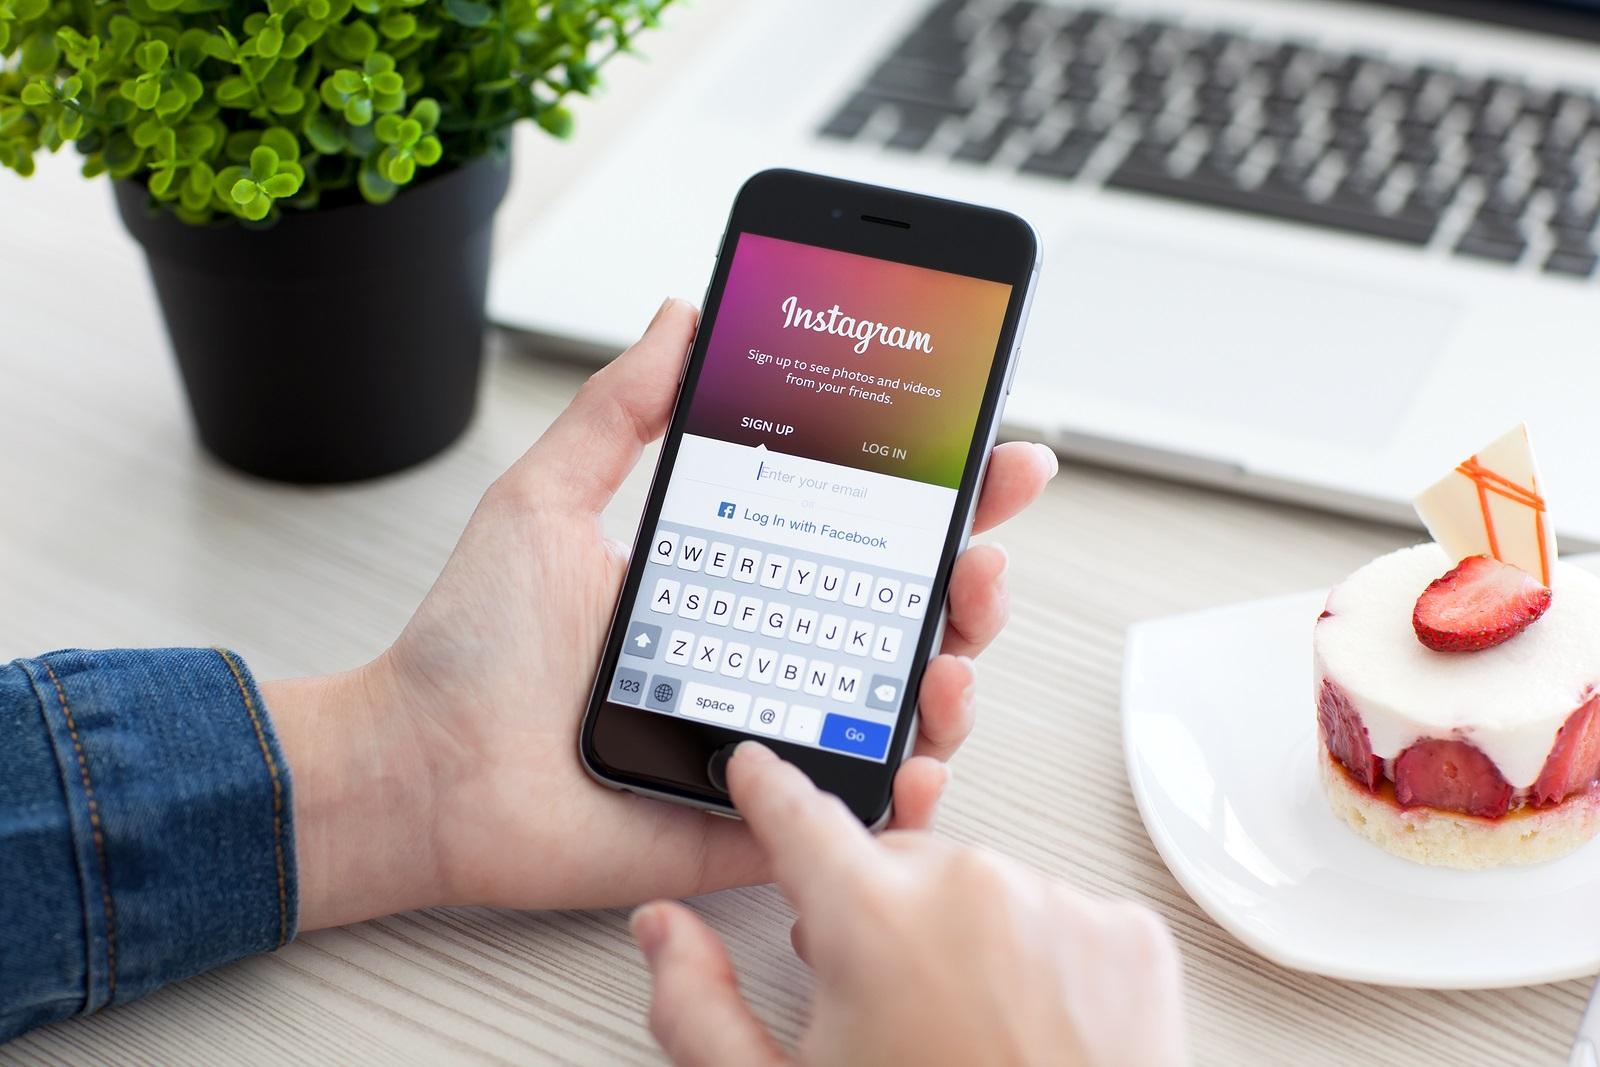 Instagram Atzerako kontaketa hasi da jarraitzaileen ezabatze aldirako!